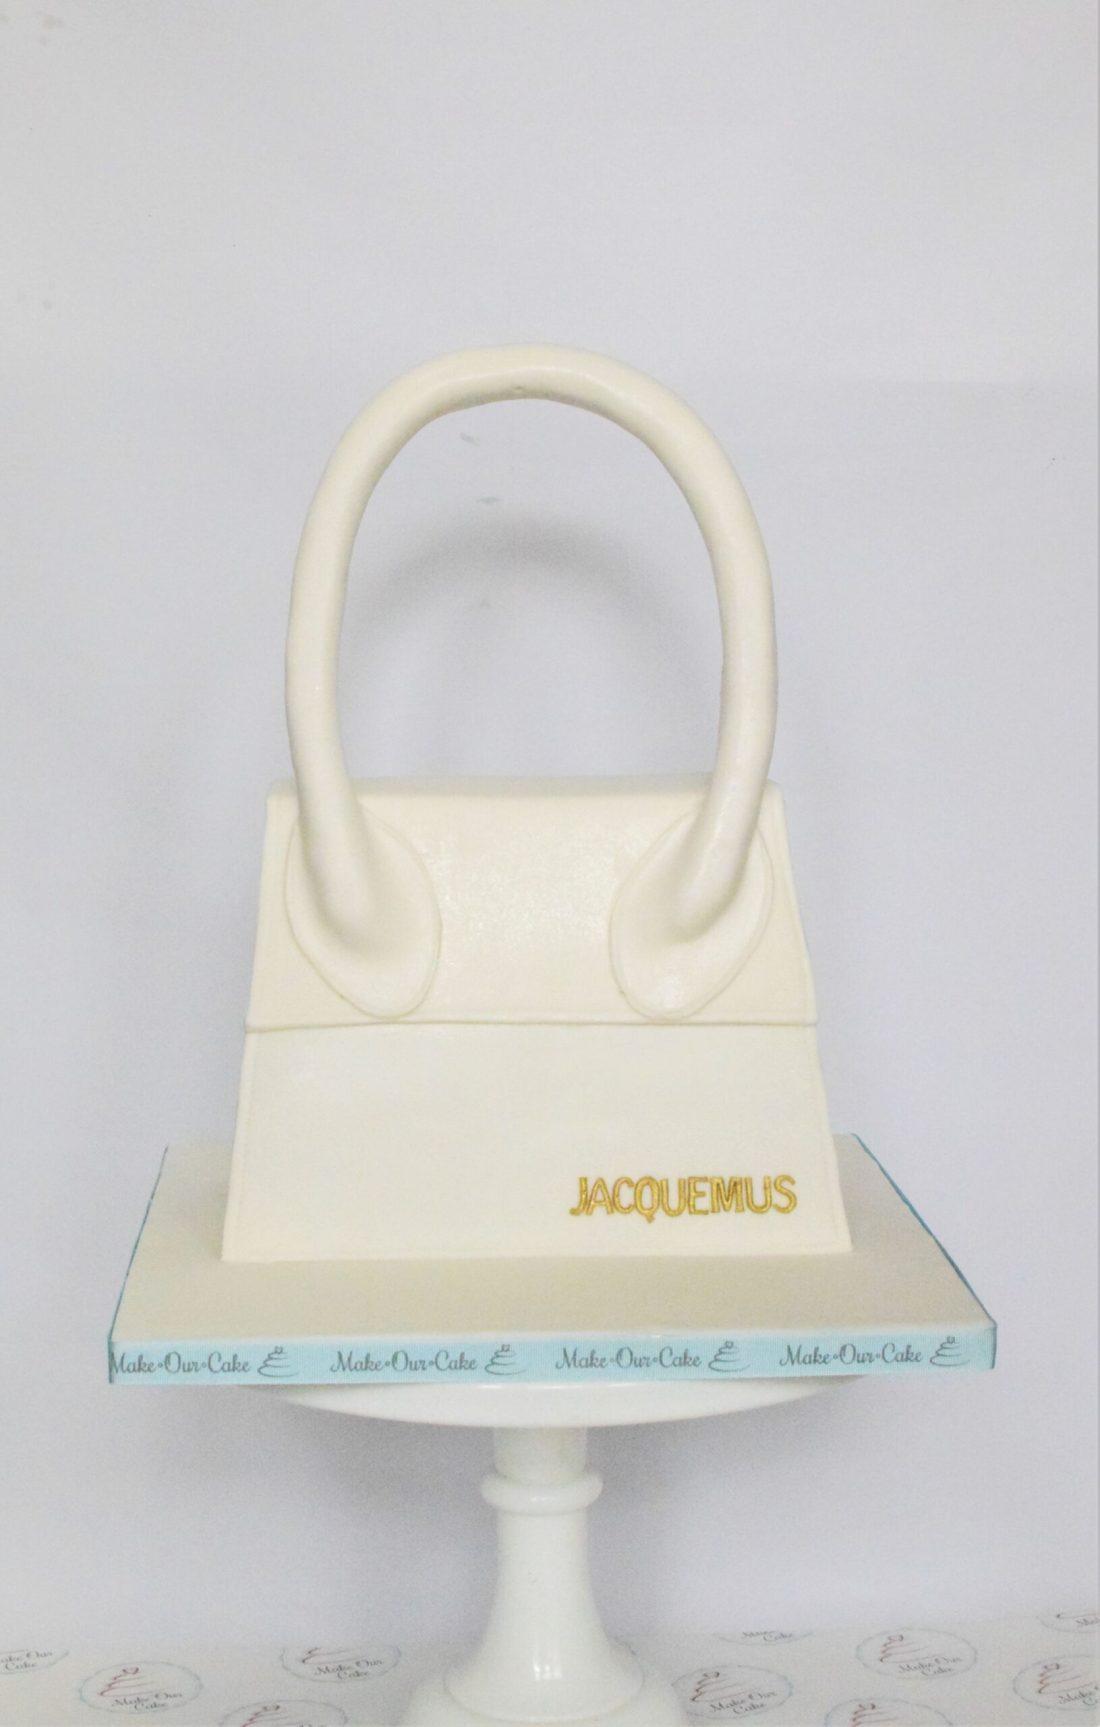 Jacquemus Handbag Cake